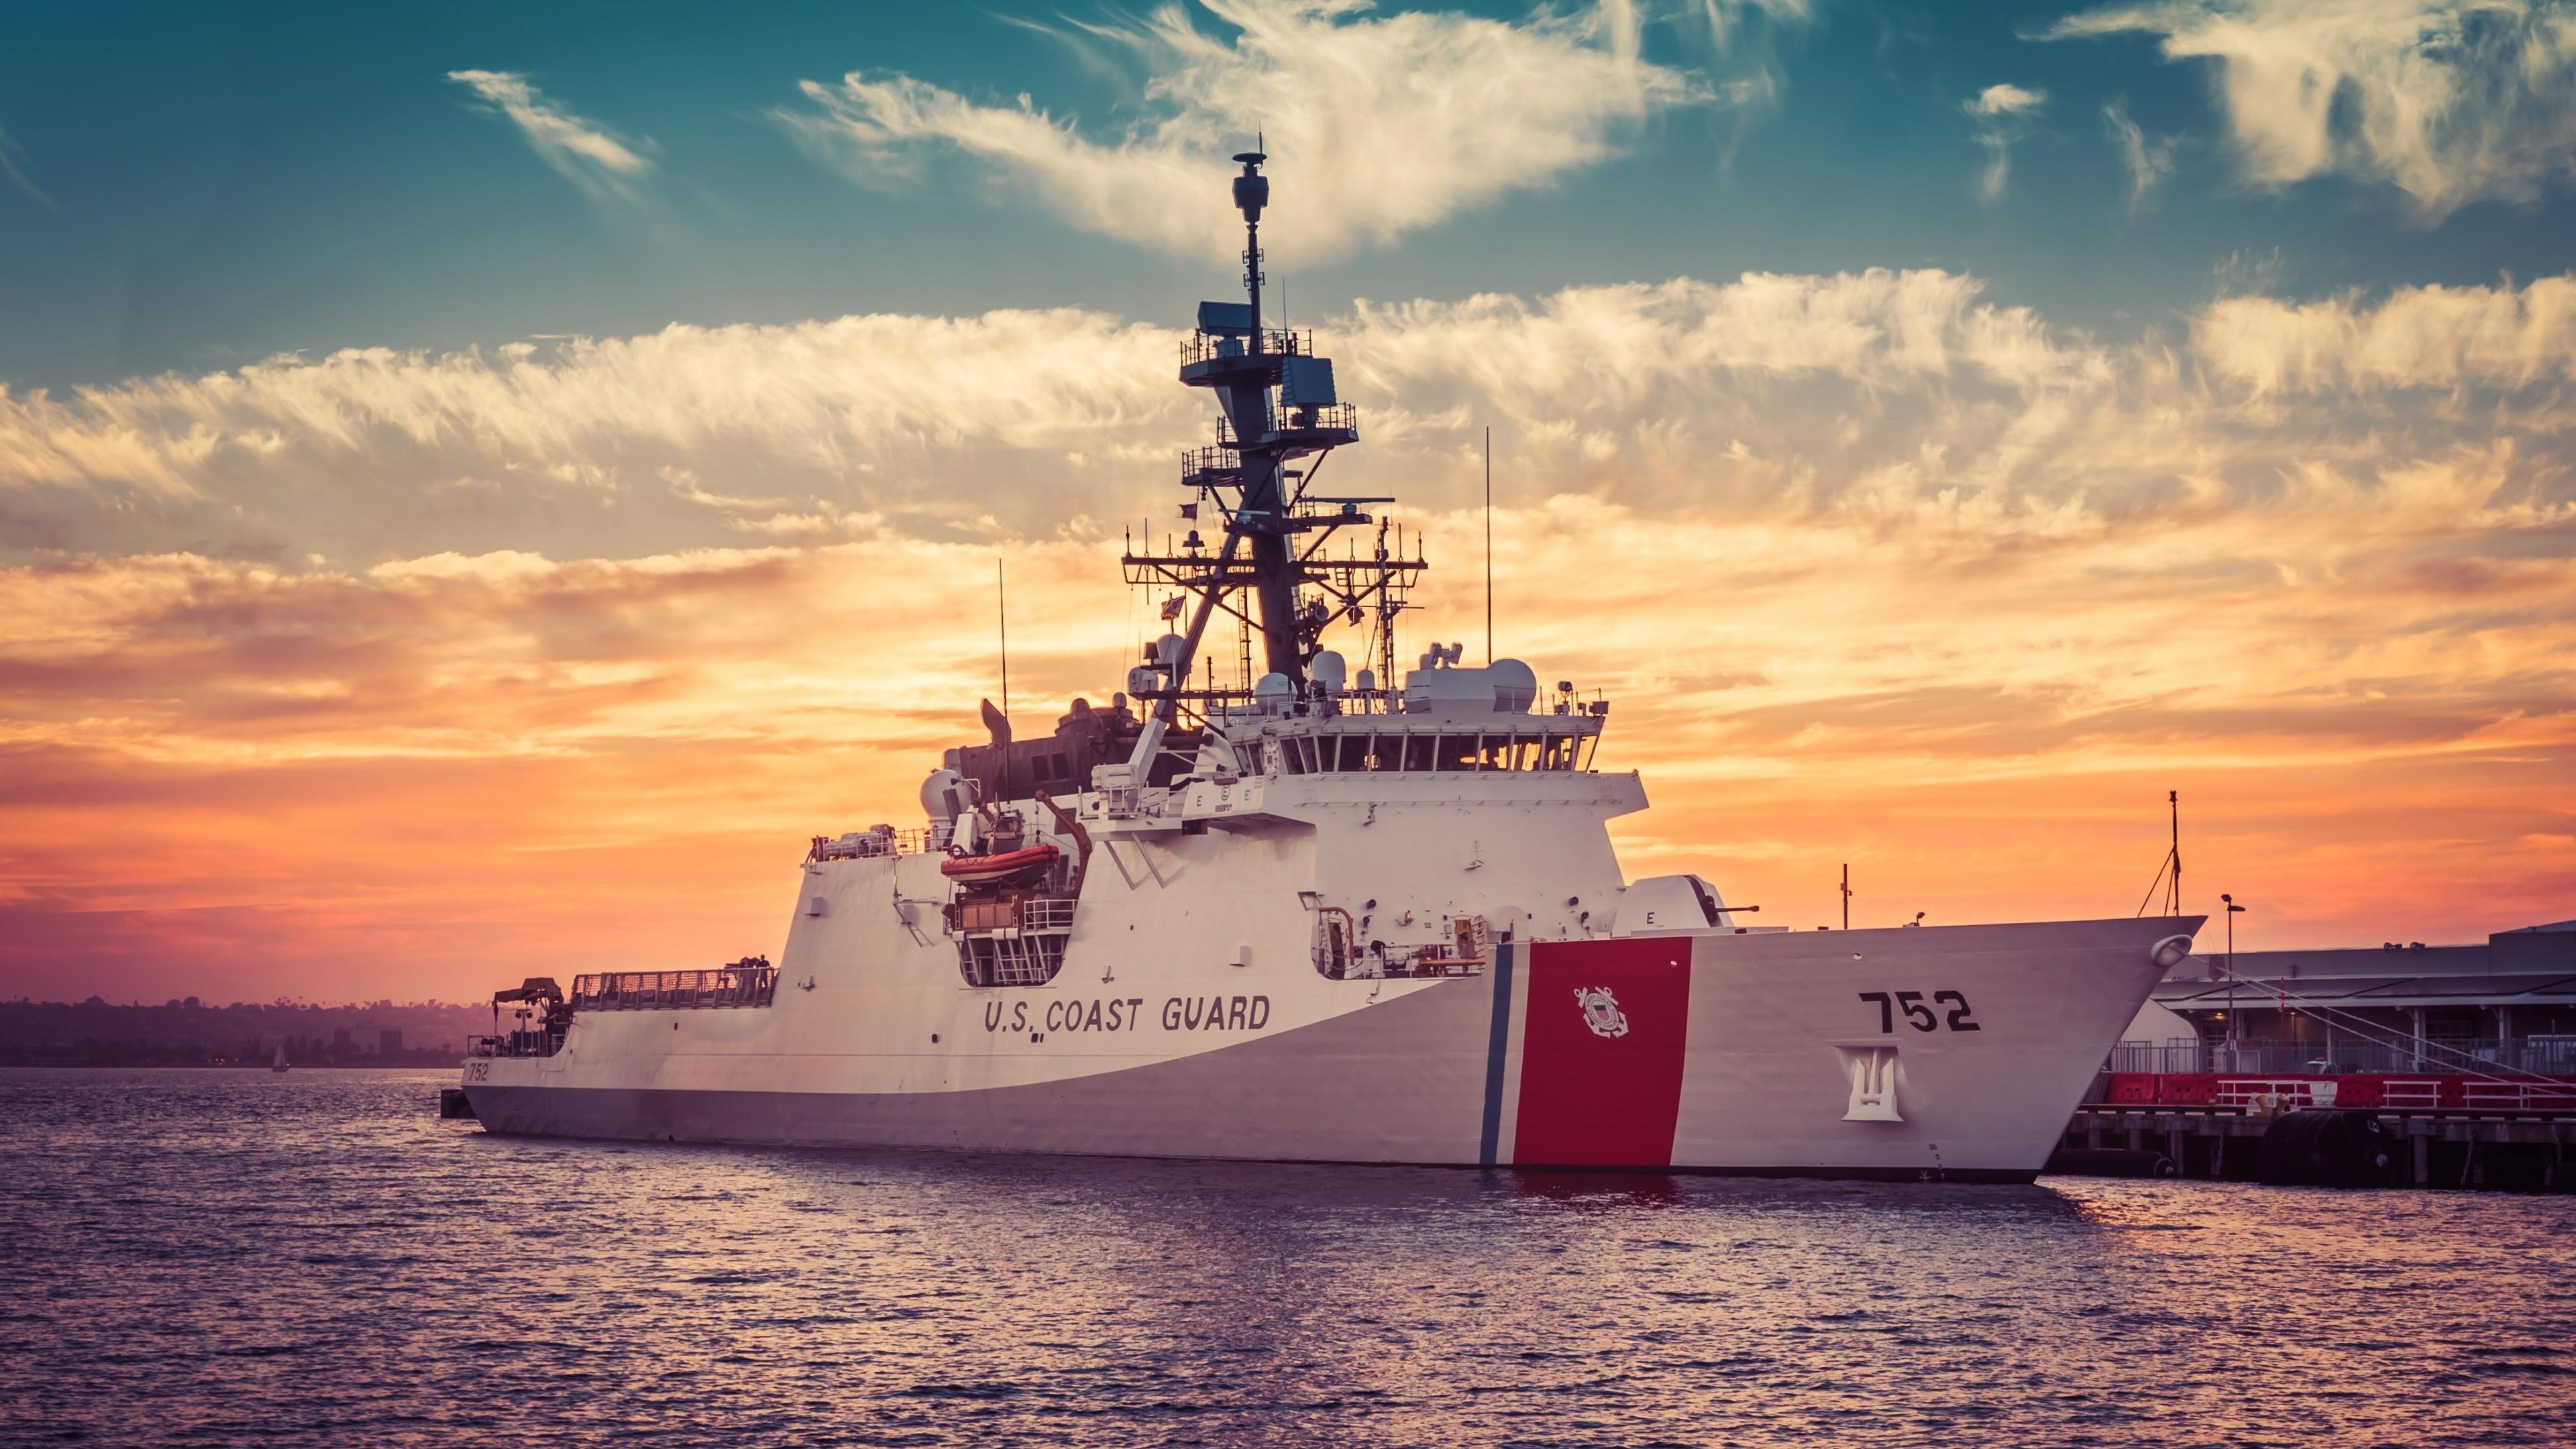 Us Coast Guard Wallpaper 67 Images